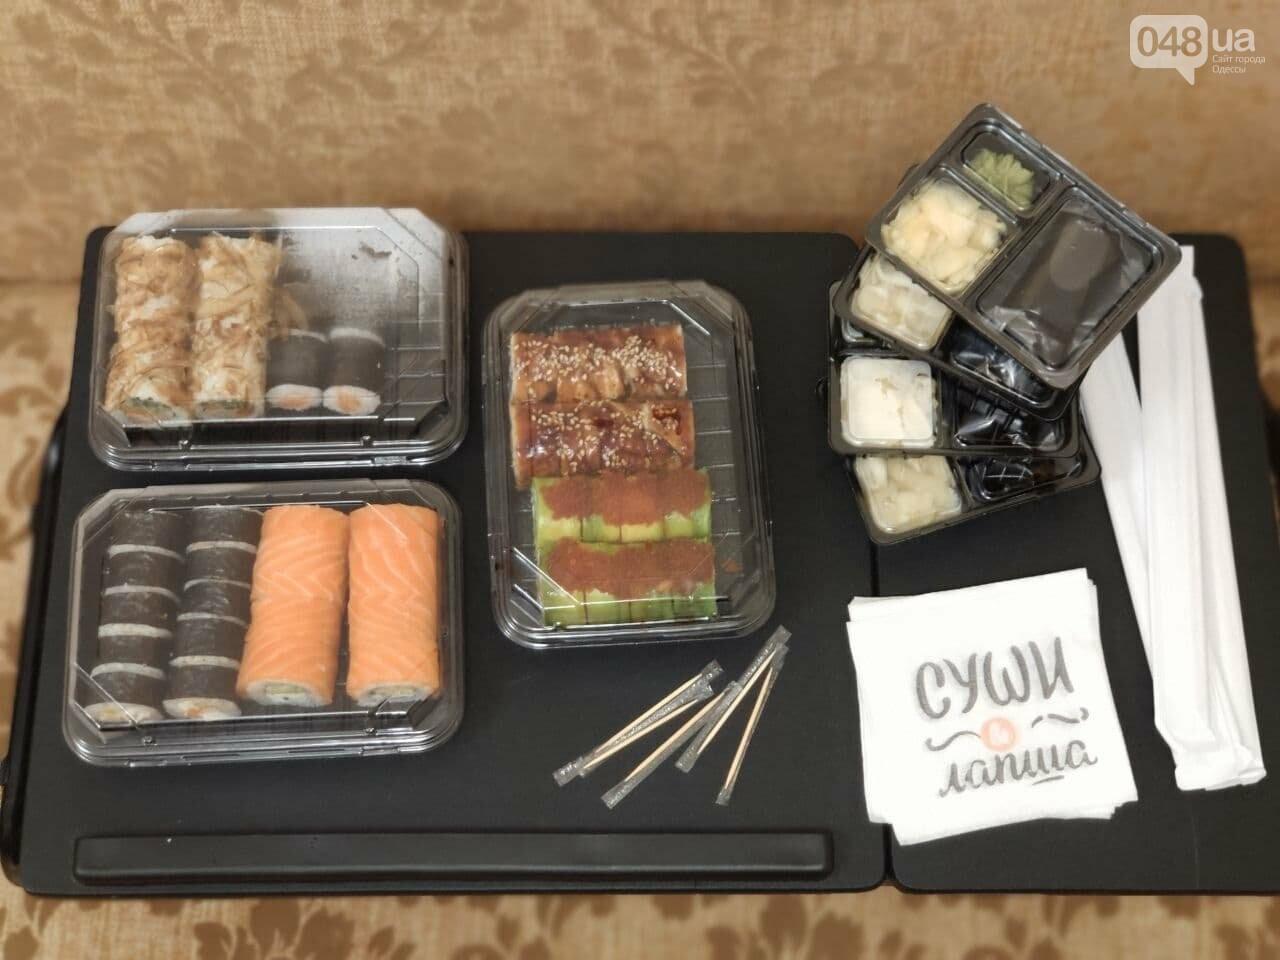 Тестируем доставку килограммового набора роллов из популярной сети суши-баров в Одессе, - ФОТО, фото-3